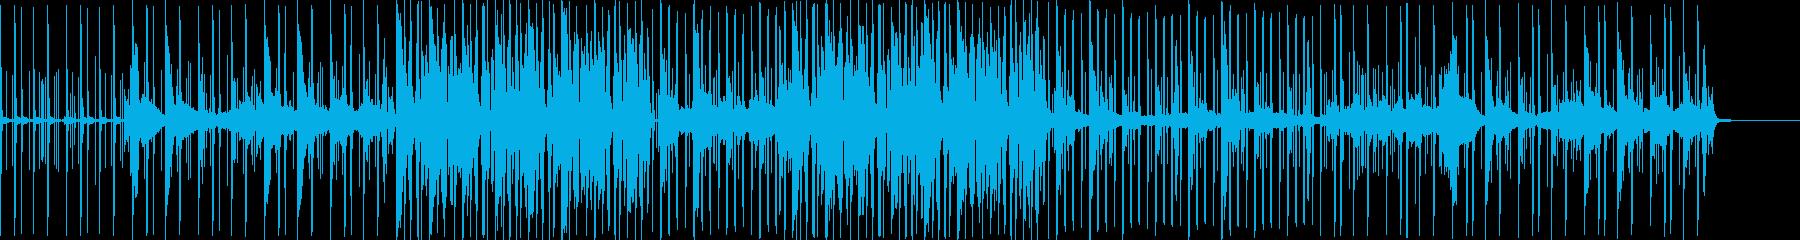 雰囲気のあるApple的音楽の再生済みの波形